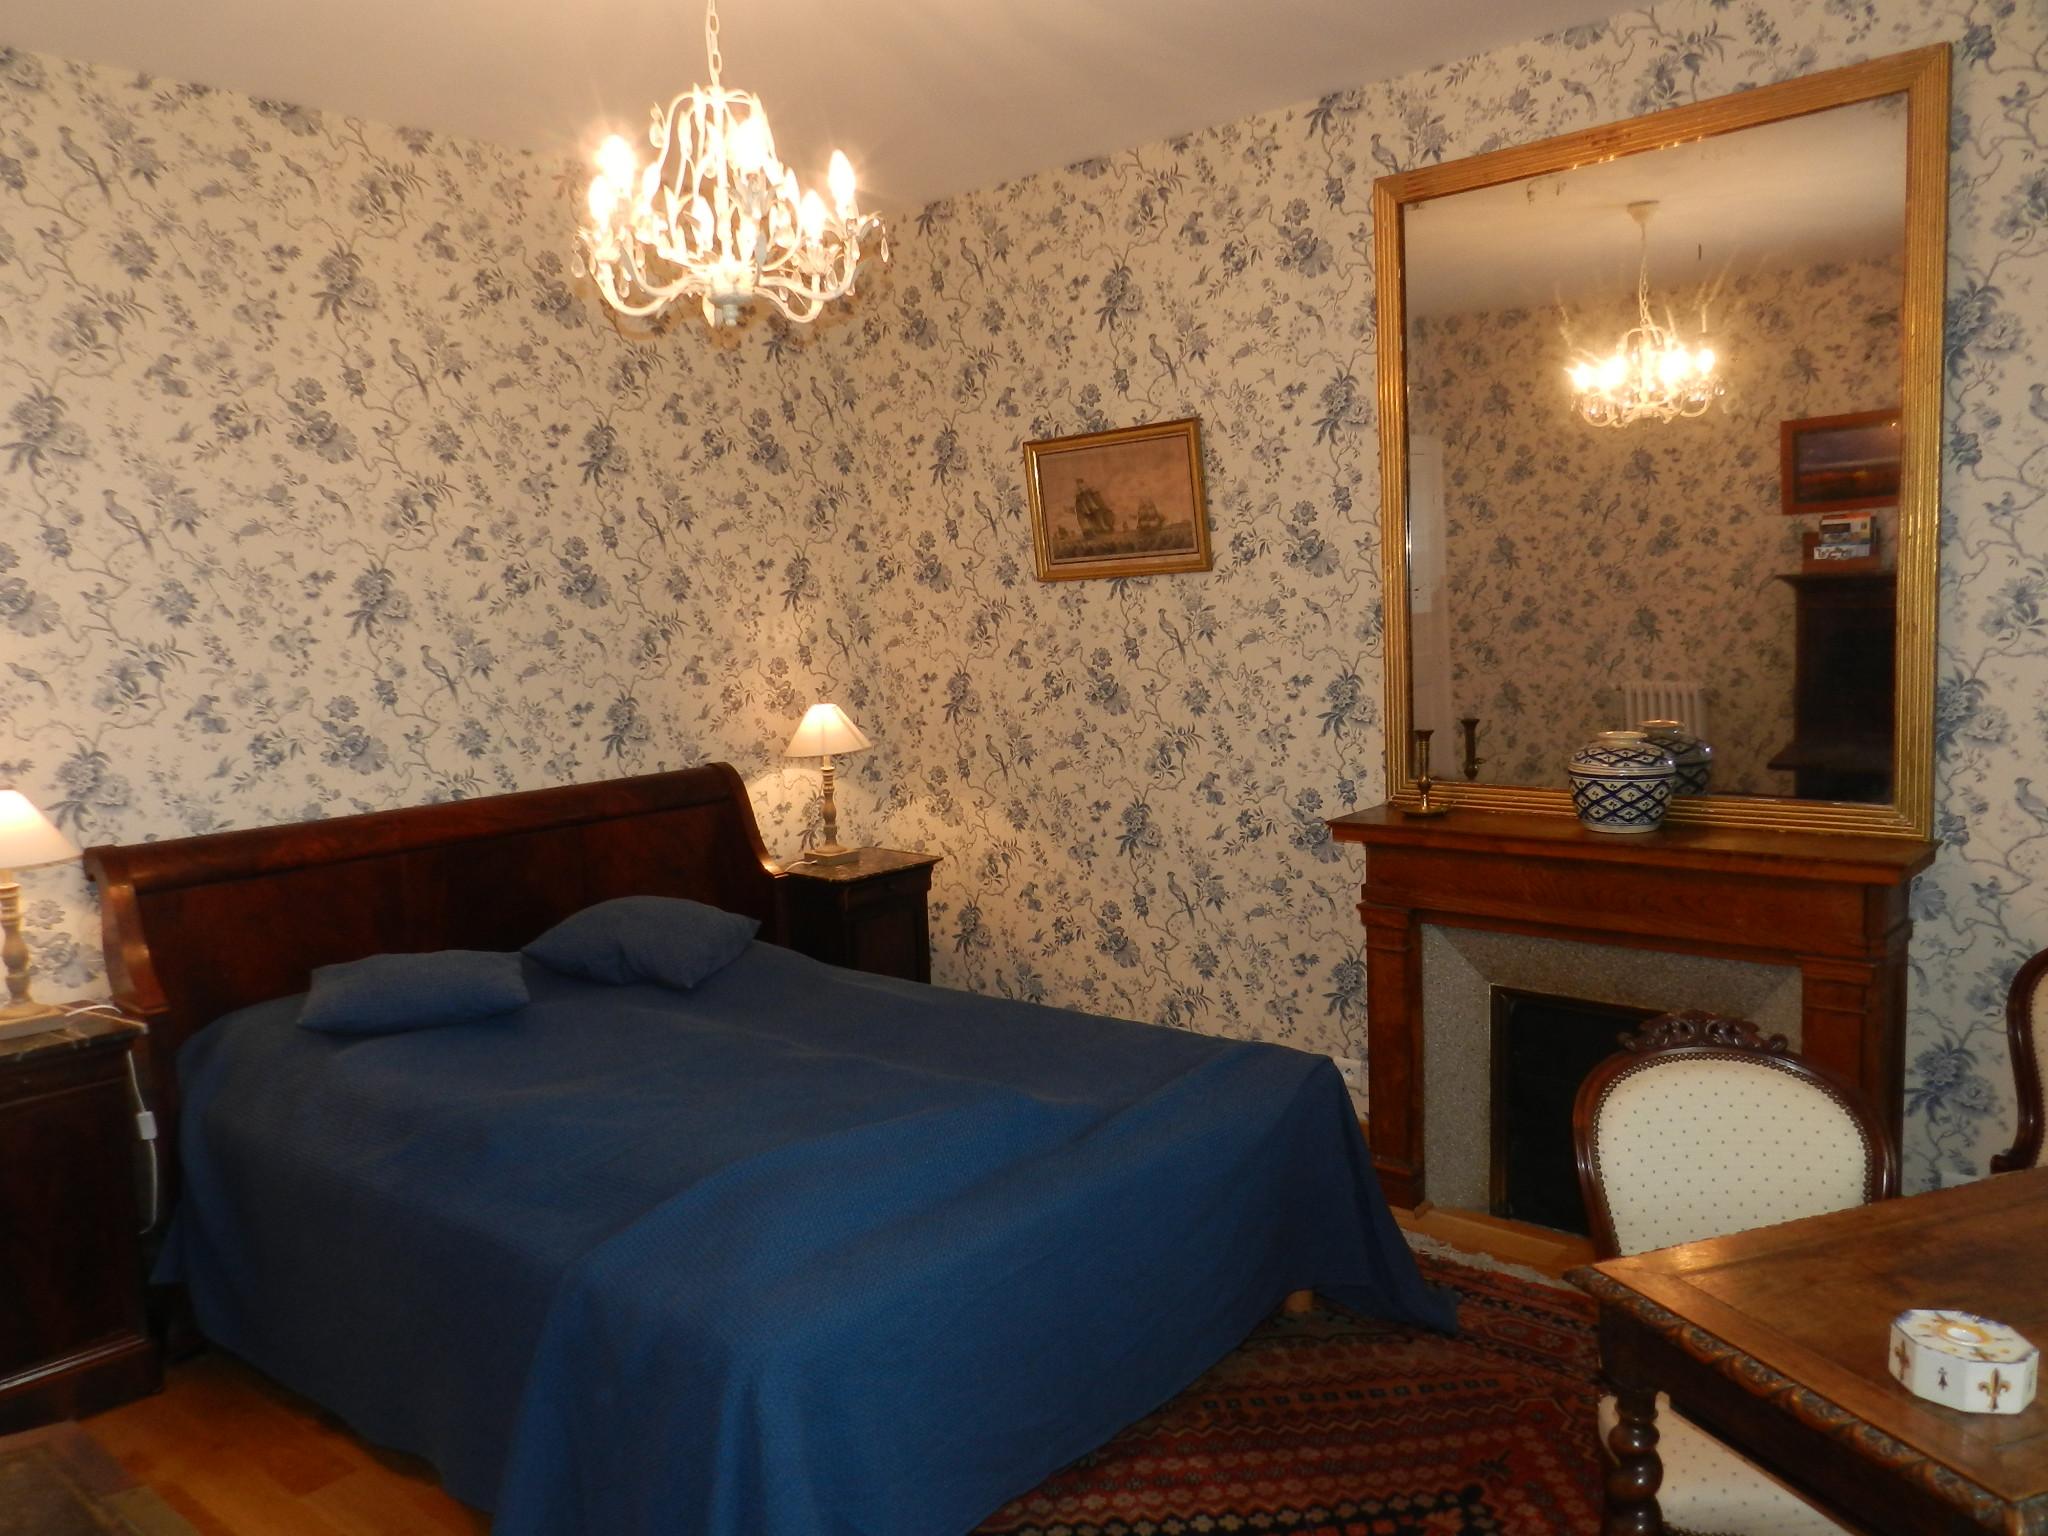 chambre bleue nuit une chambre bleue frenchy fancy chambre bleue 1 nuit pour 2 personnes. Black Bedroom Furniture Sets. Home Design Ideas